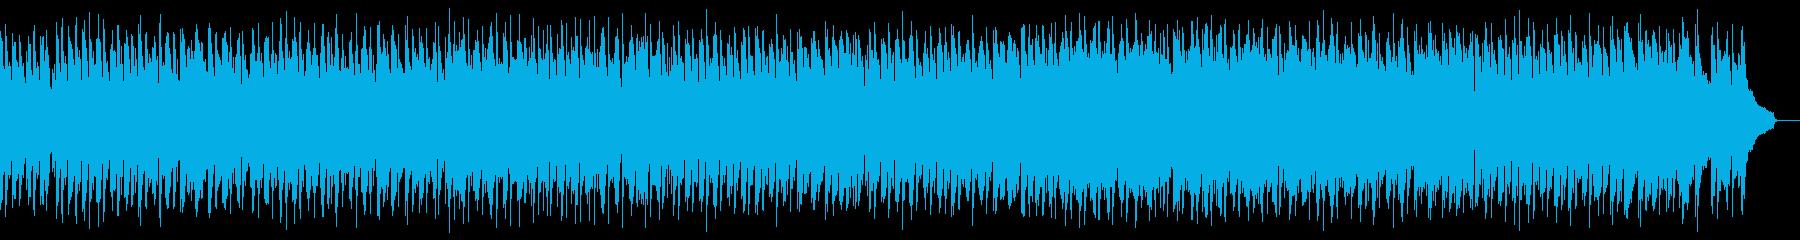 ボサノバ ジャズ ナイロン弦ギター の再生済みの波形